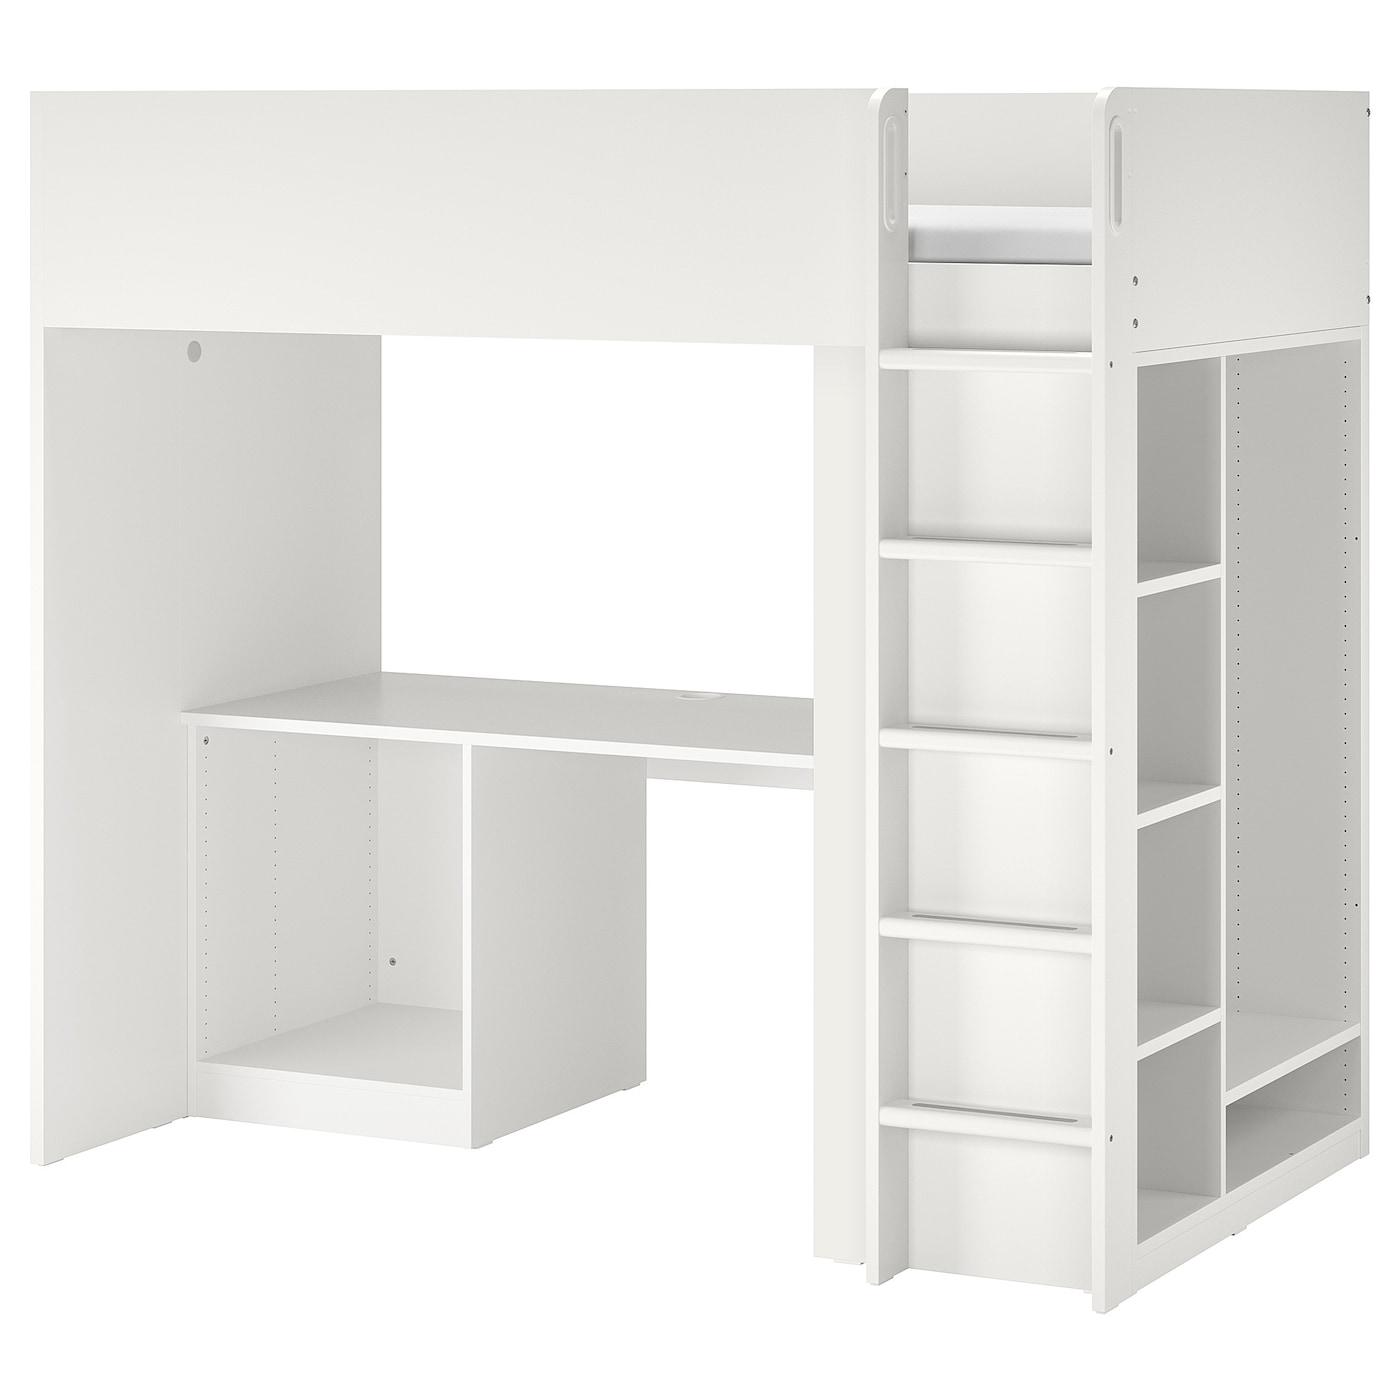 SMÅSTAD Loftseng m skrivebordoppbevaring hvit IKEA